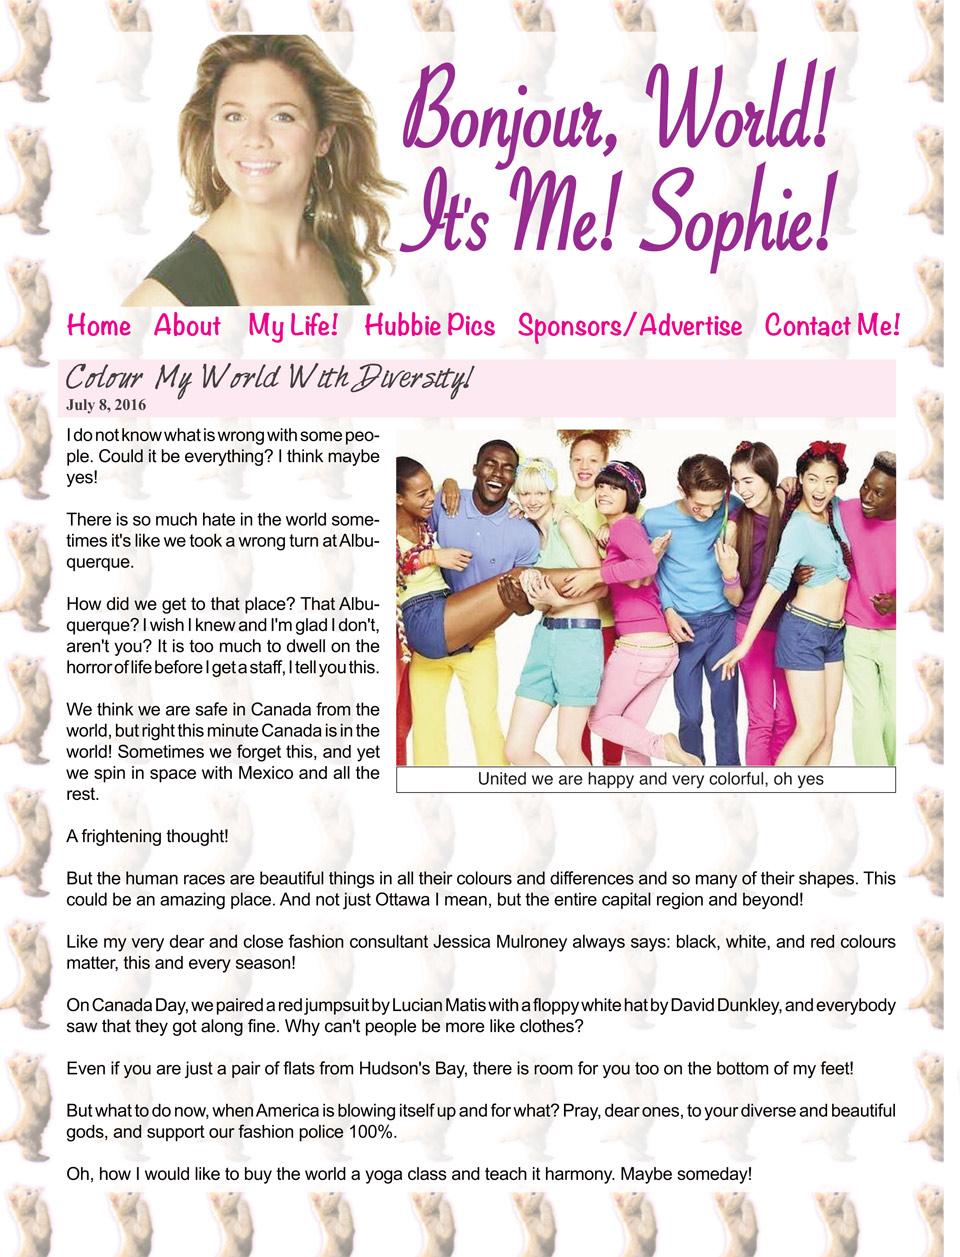 sophies-blog-2